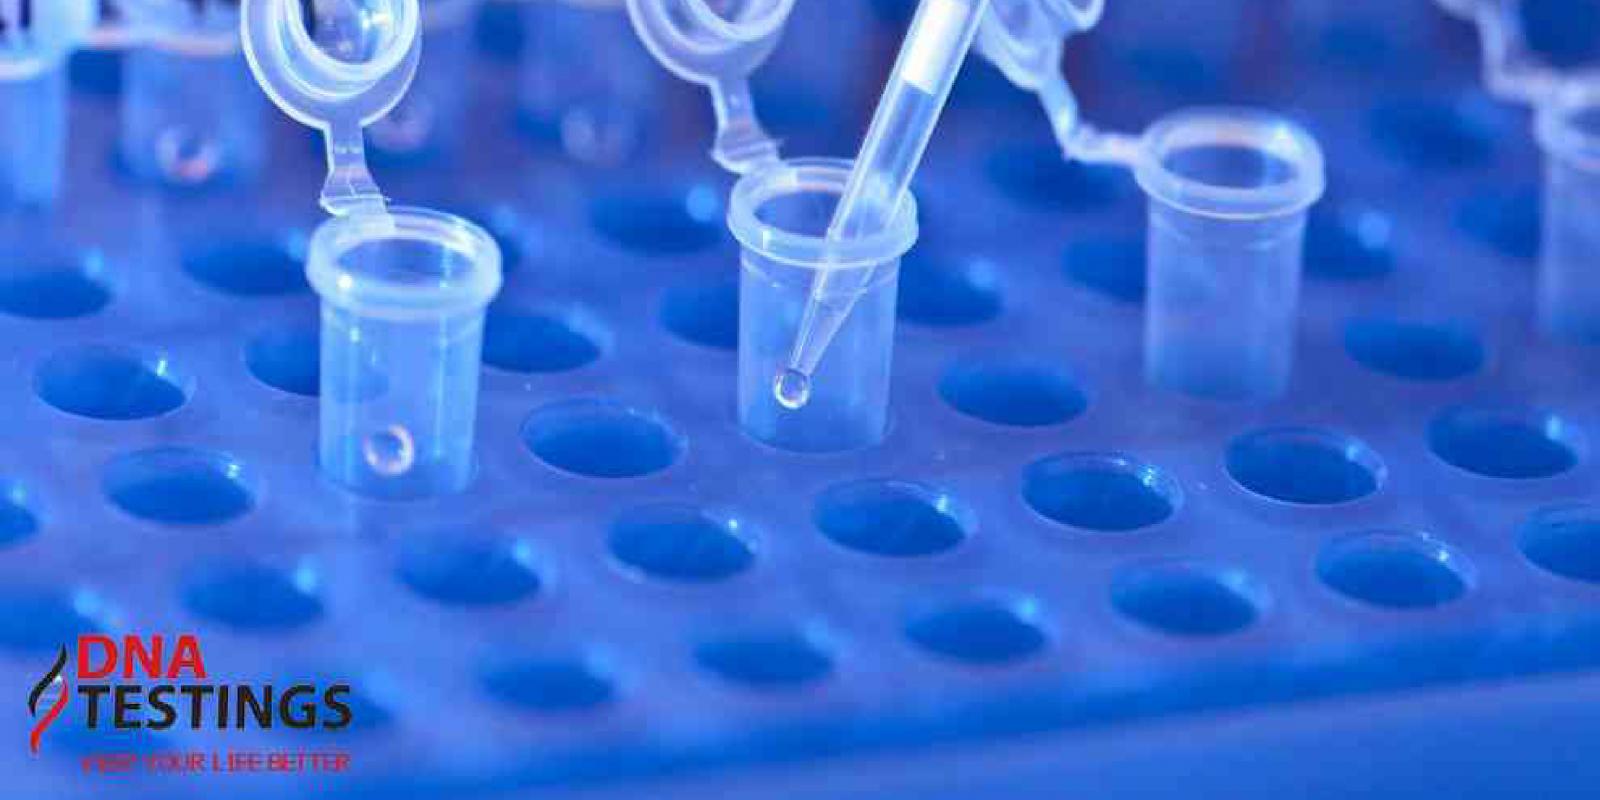 thu mẫu xét nghiệm ADN miễn phí tại nhà